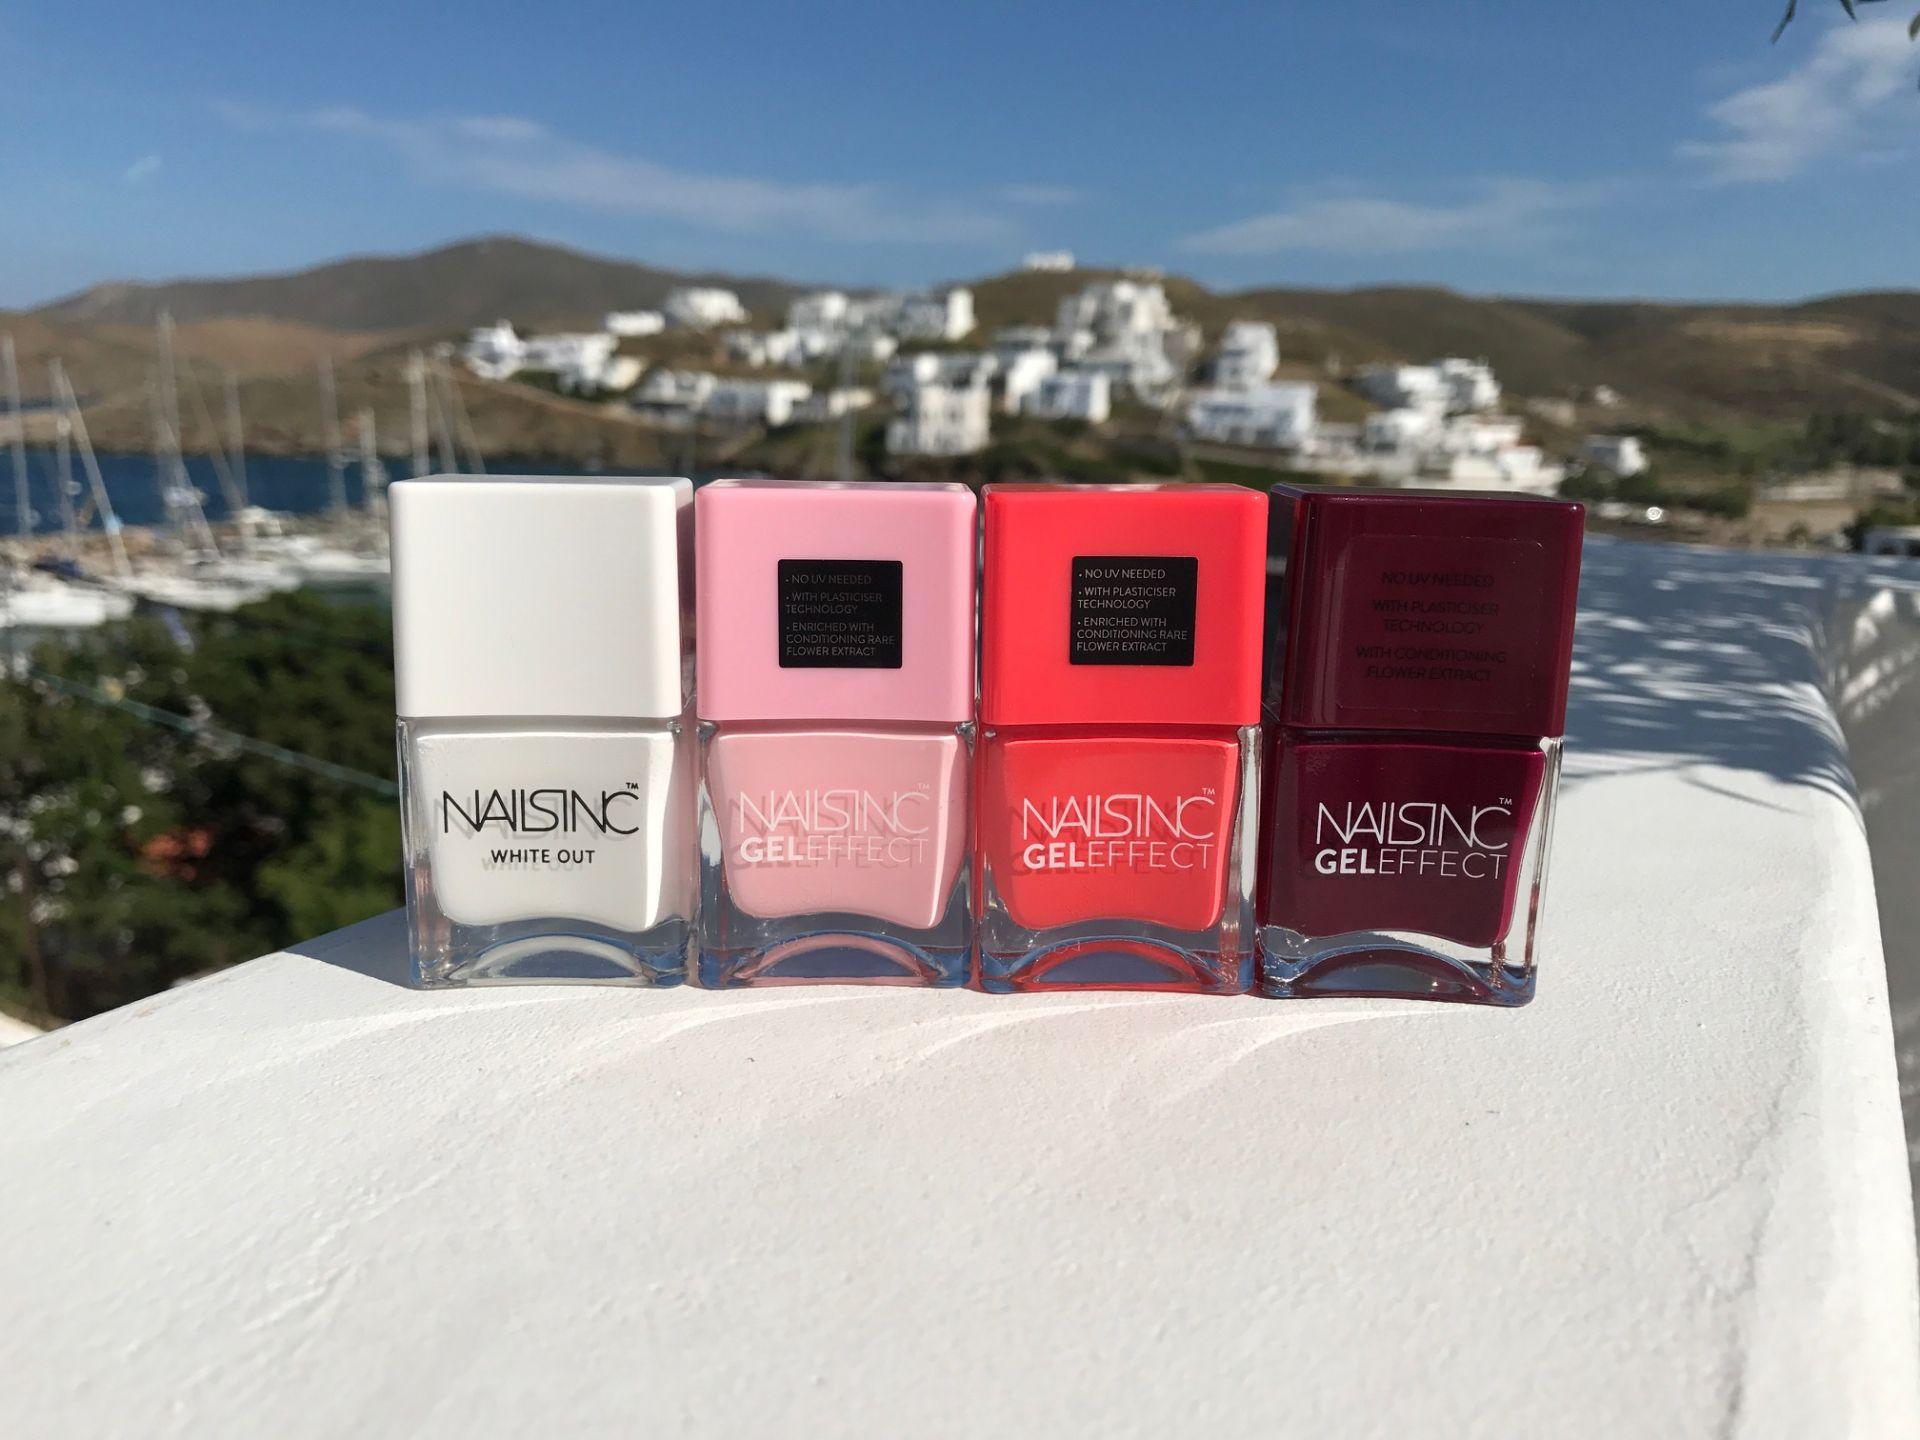 nails-inc-gel-effect-nail-polish